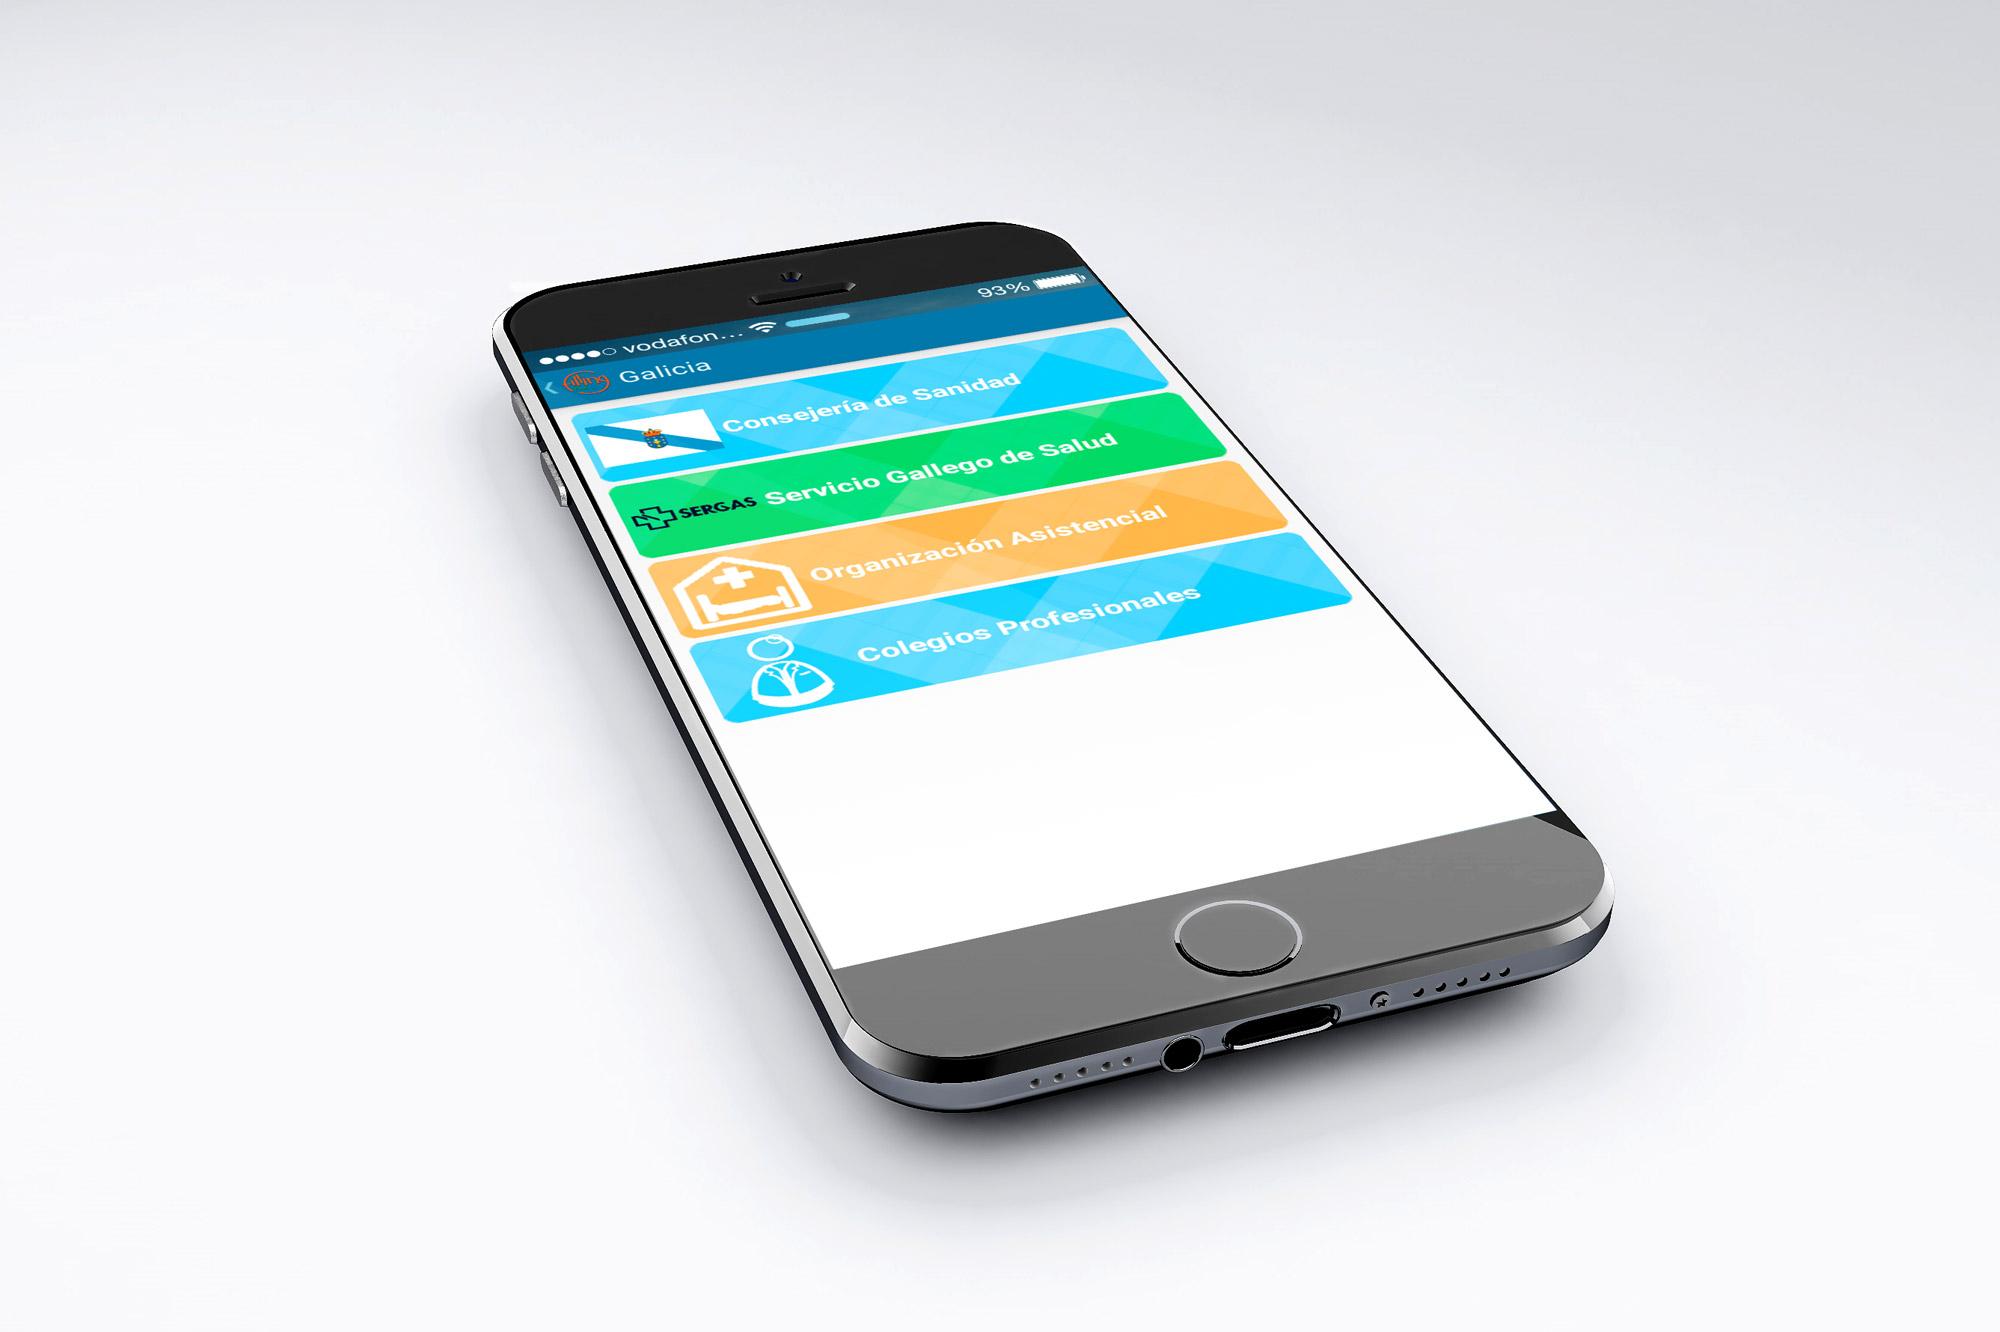 Iphone6-FTG-APP